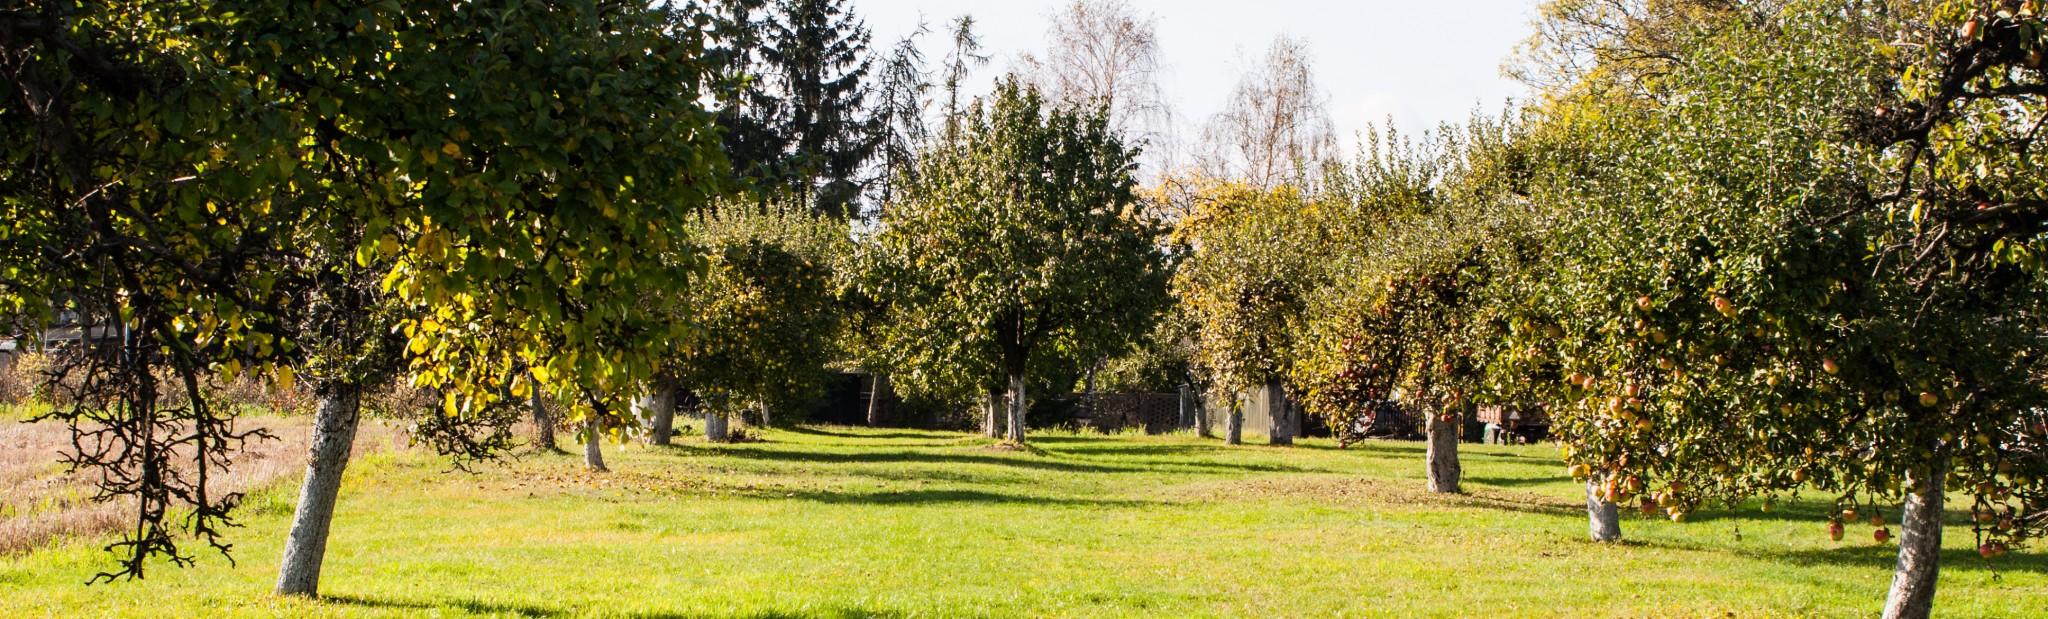 Nazaretańskie Ogrody